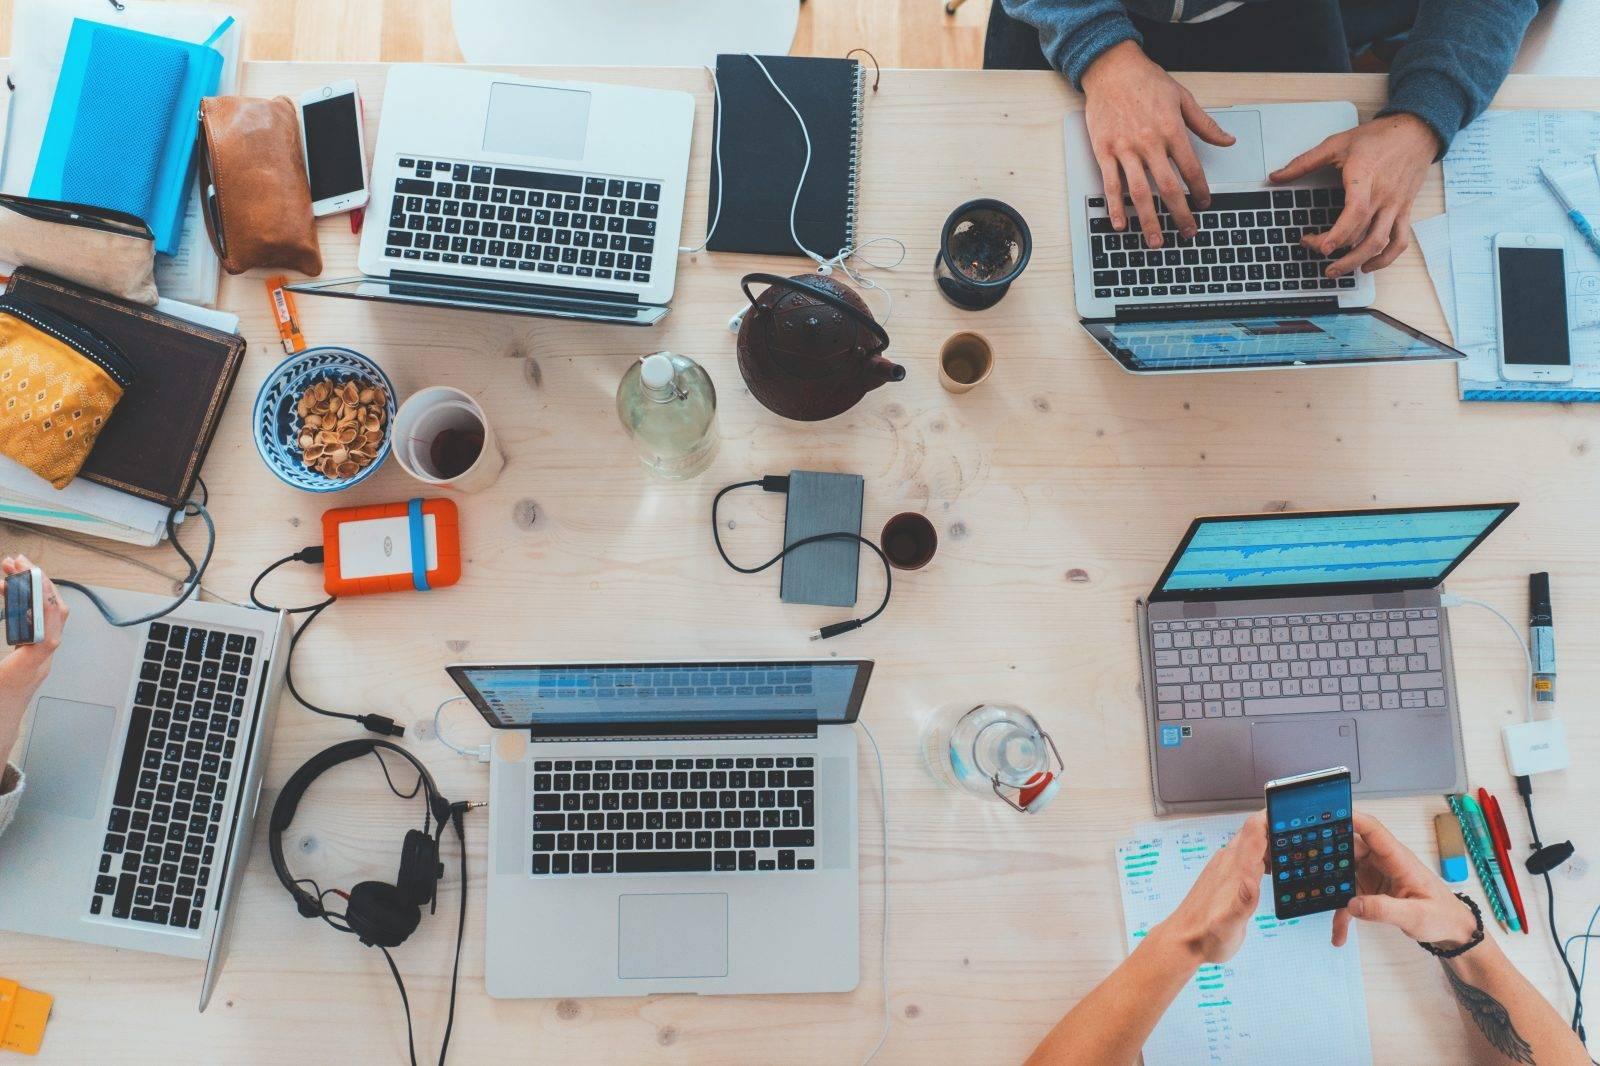 Beruflicher Neuanfang ohne Risiko - darauf sollten Sie bei Jobwechsel achten